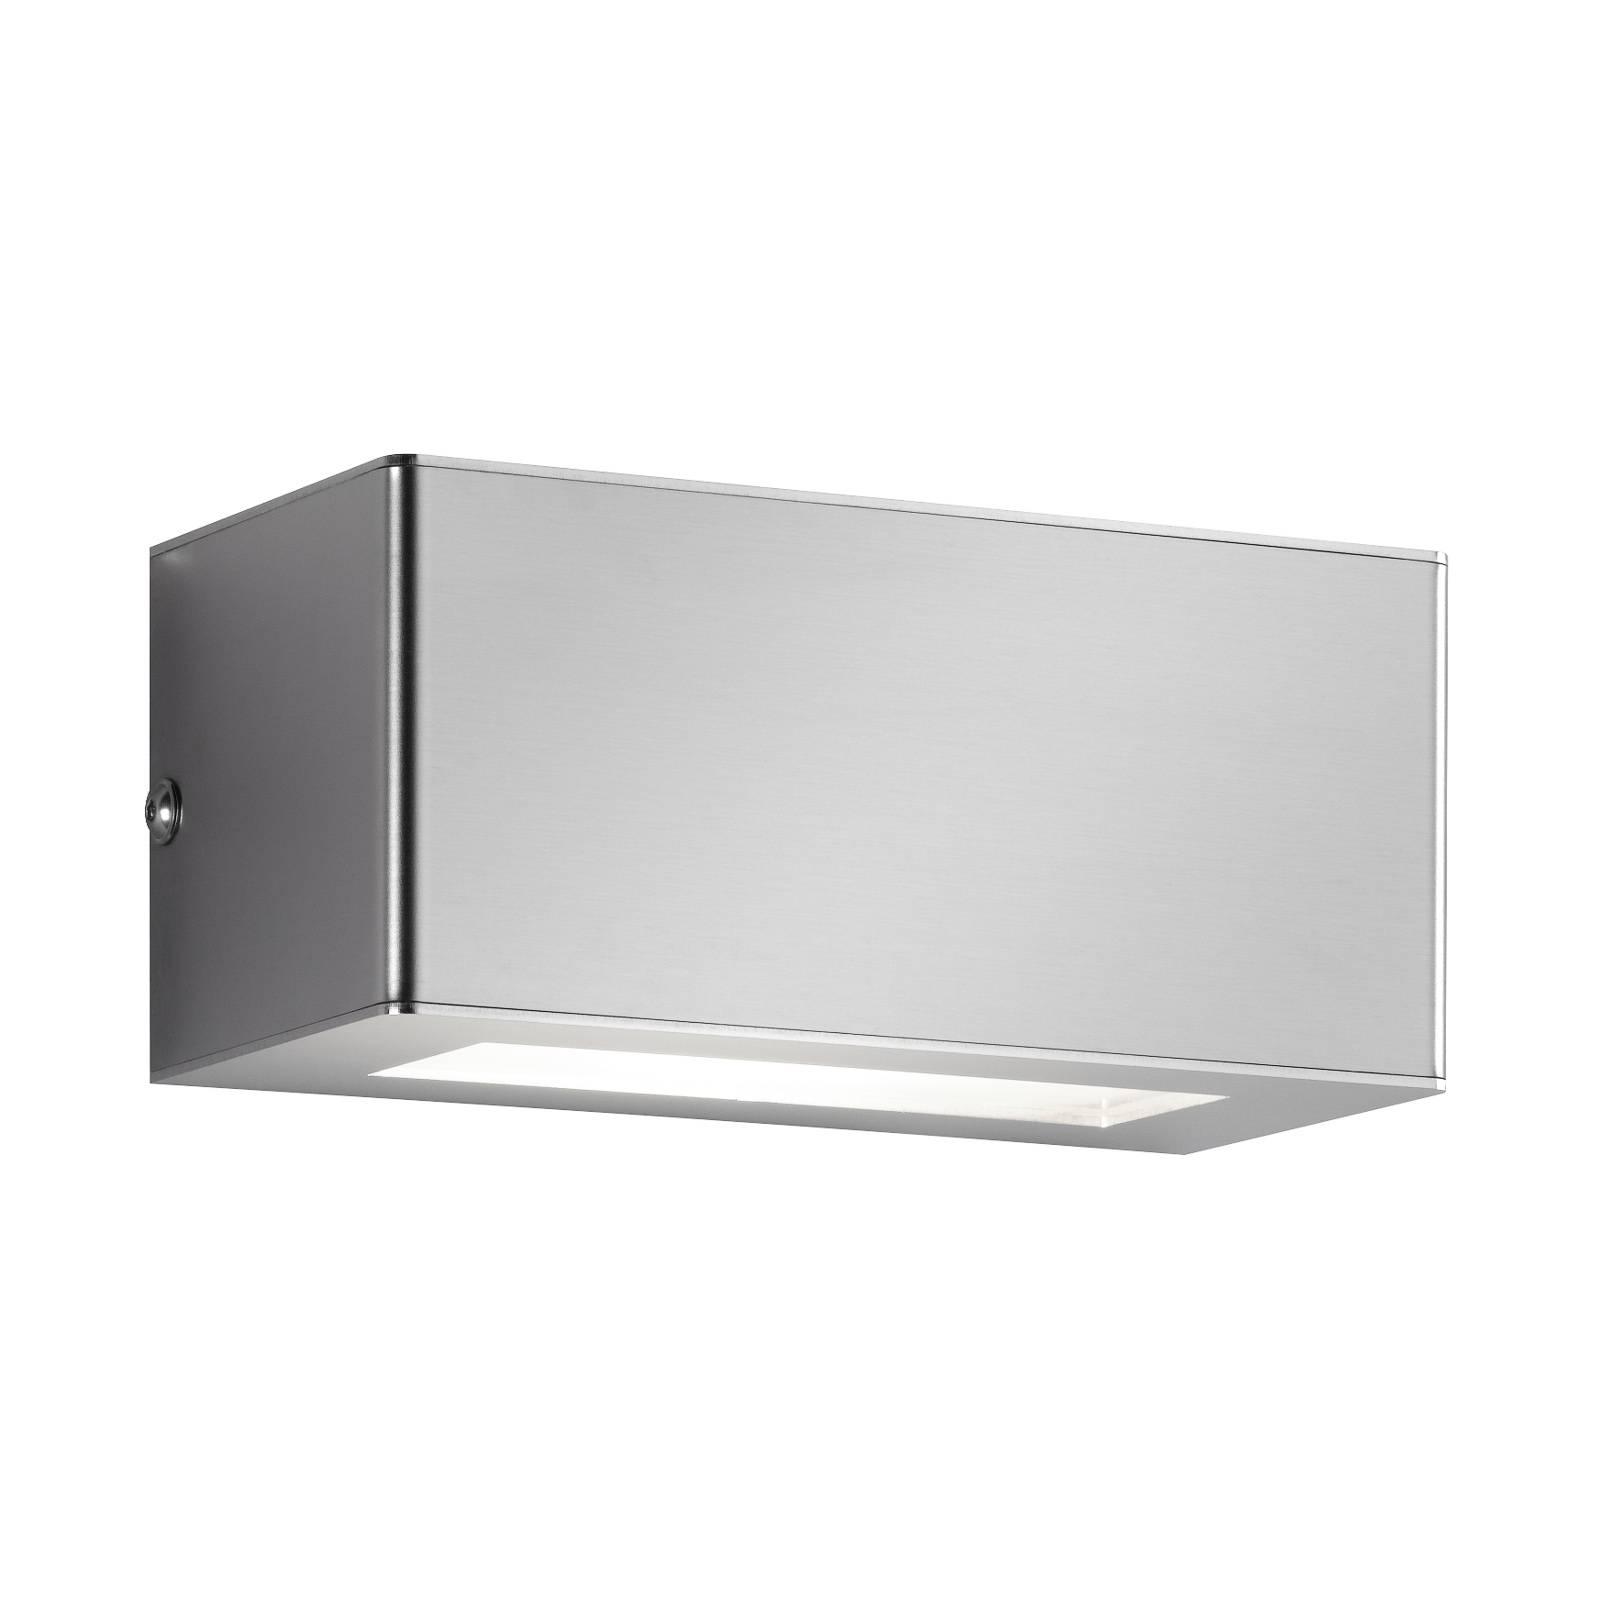 LED-ulkoseinälamppu Aqua Stone, alaspäin säteilevä